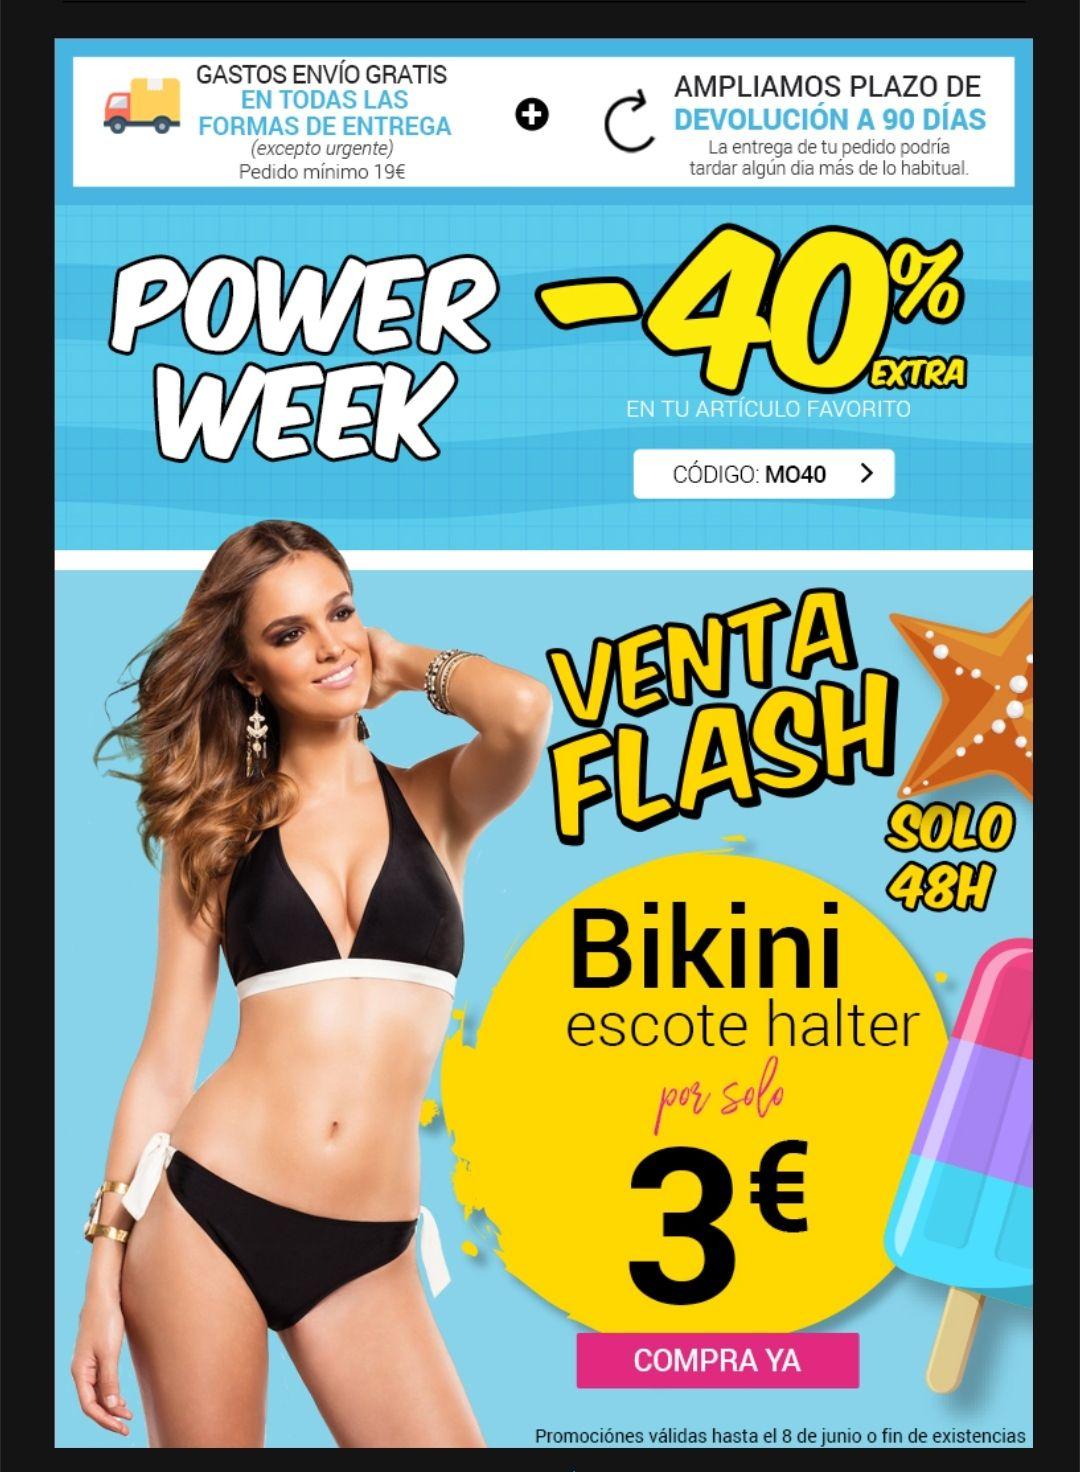 Bikini 3€ y artículo favorito -40%